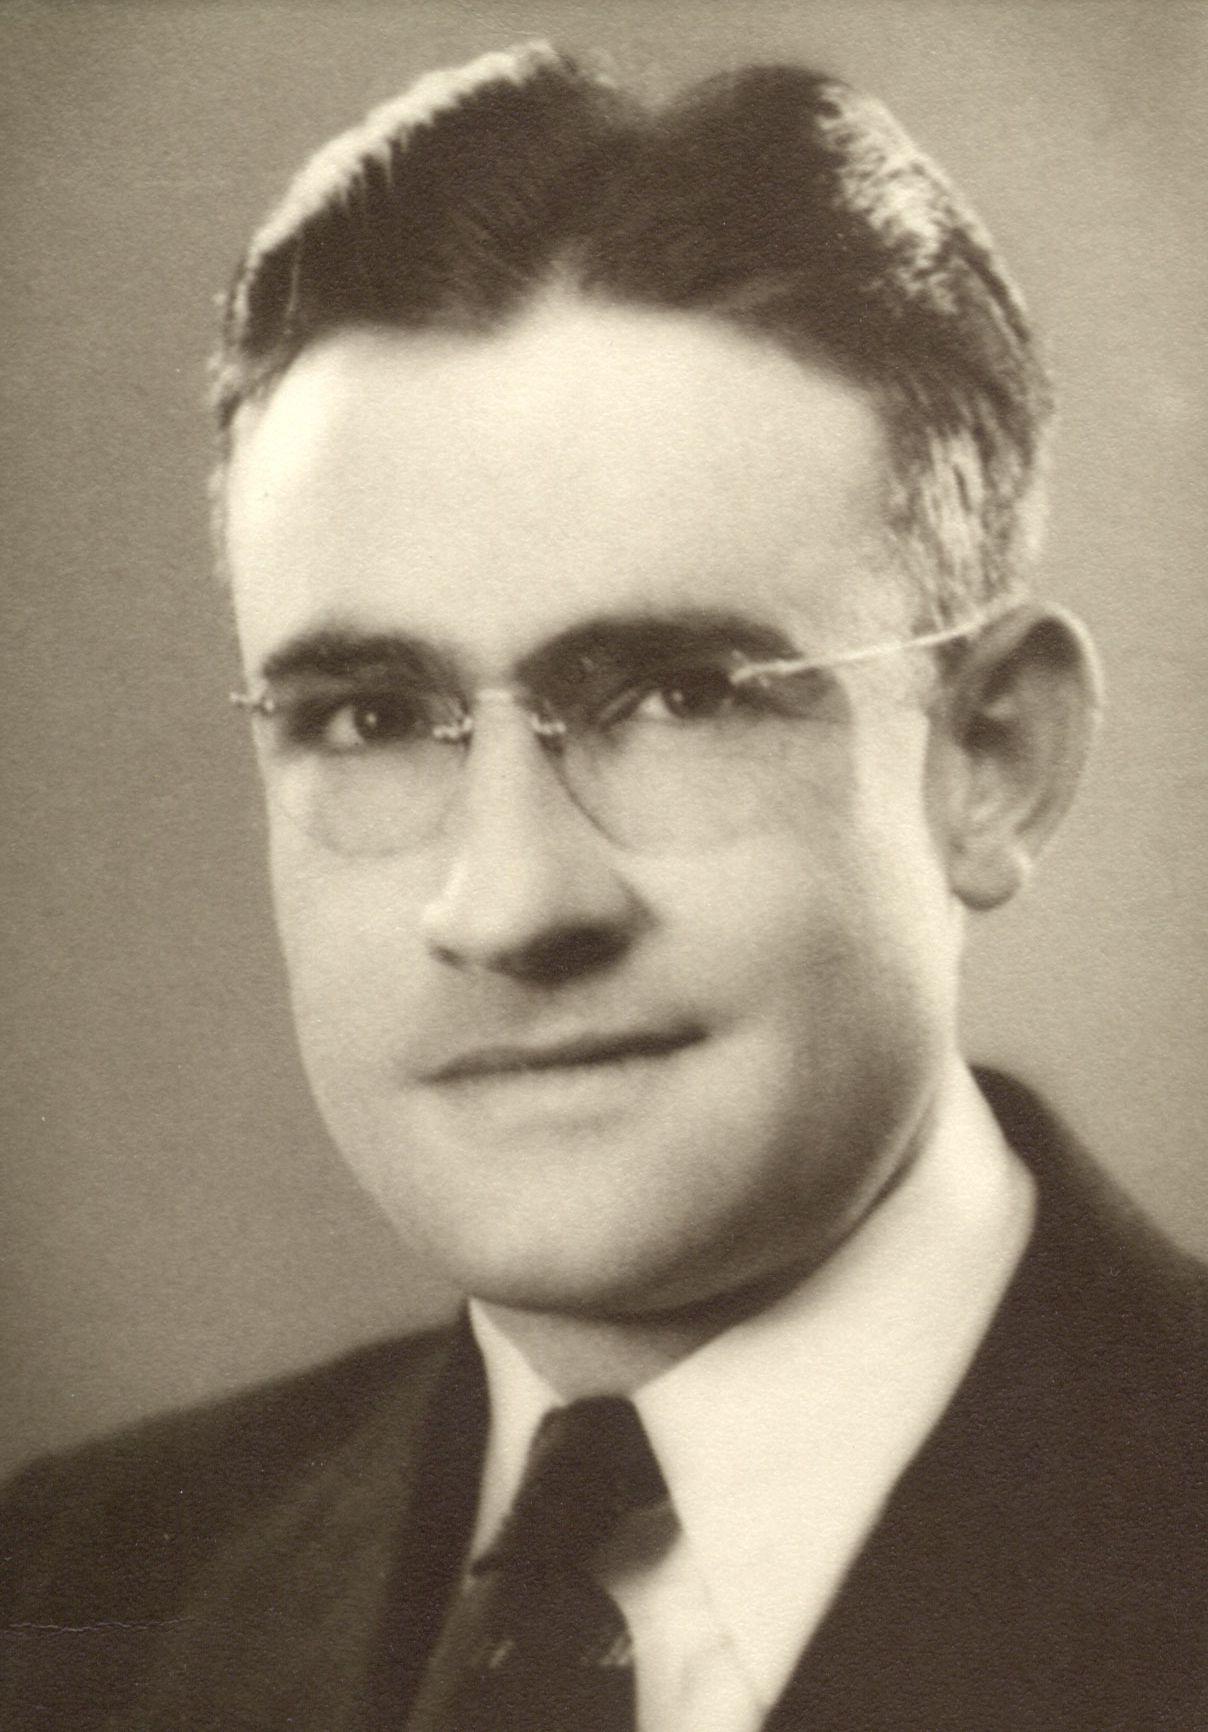 Andelin, Wilford Herman